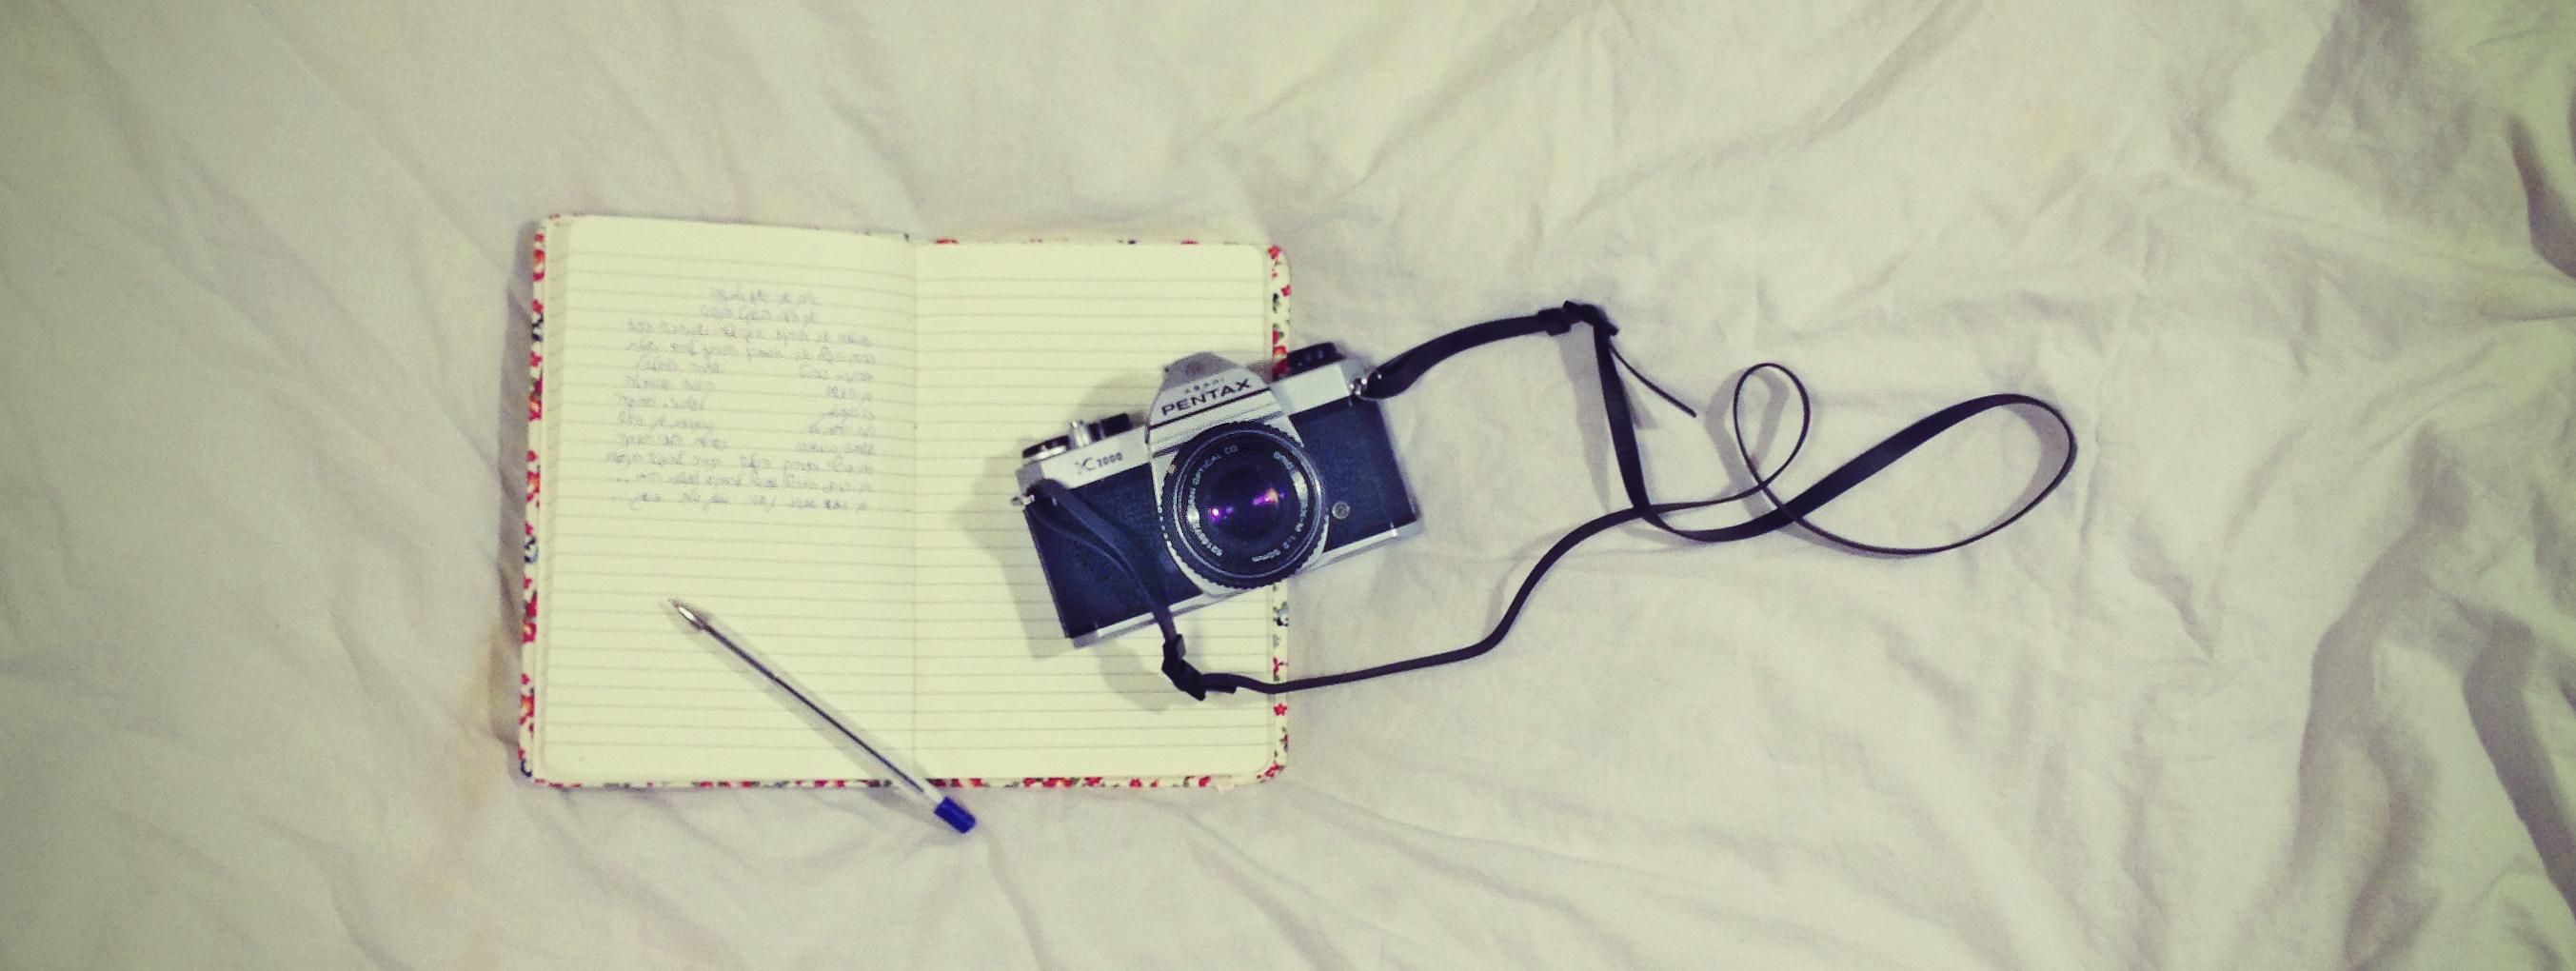 קורסים לצילום